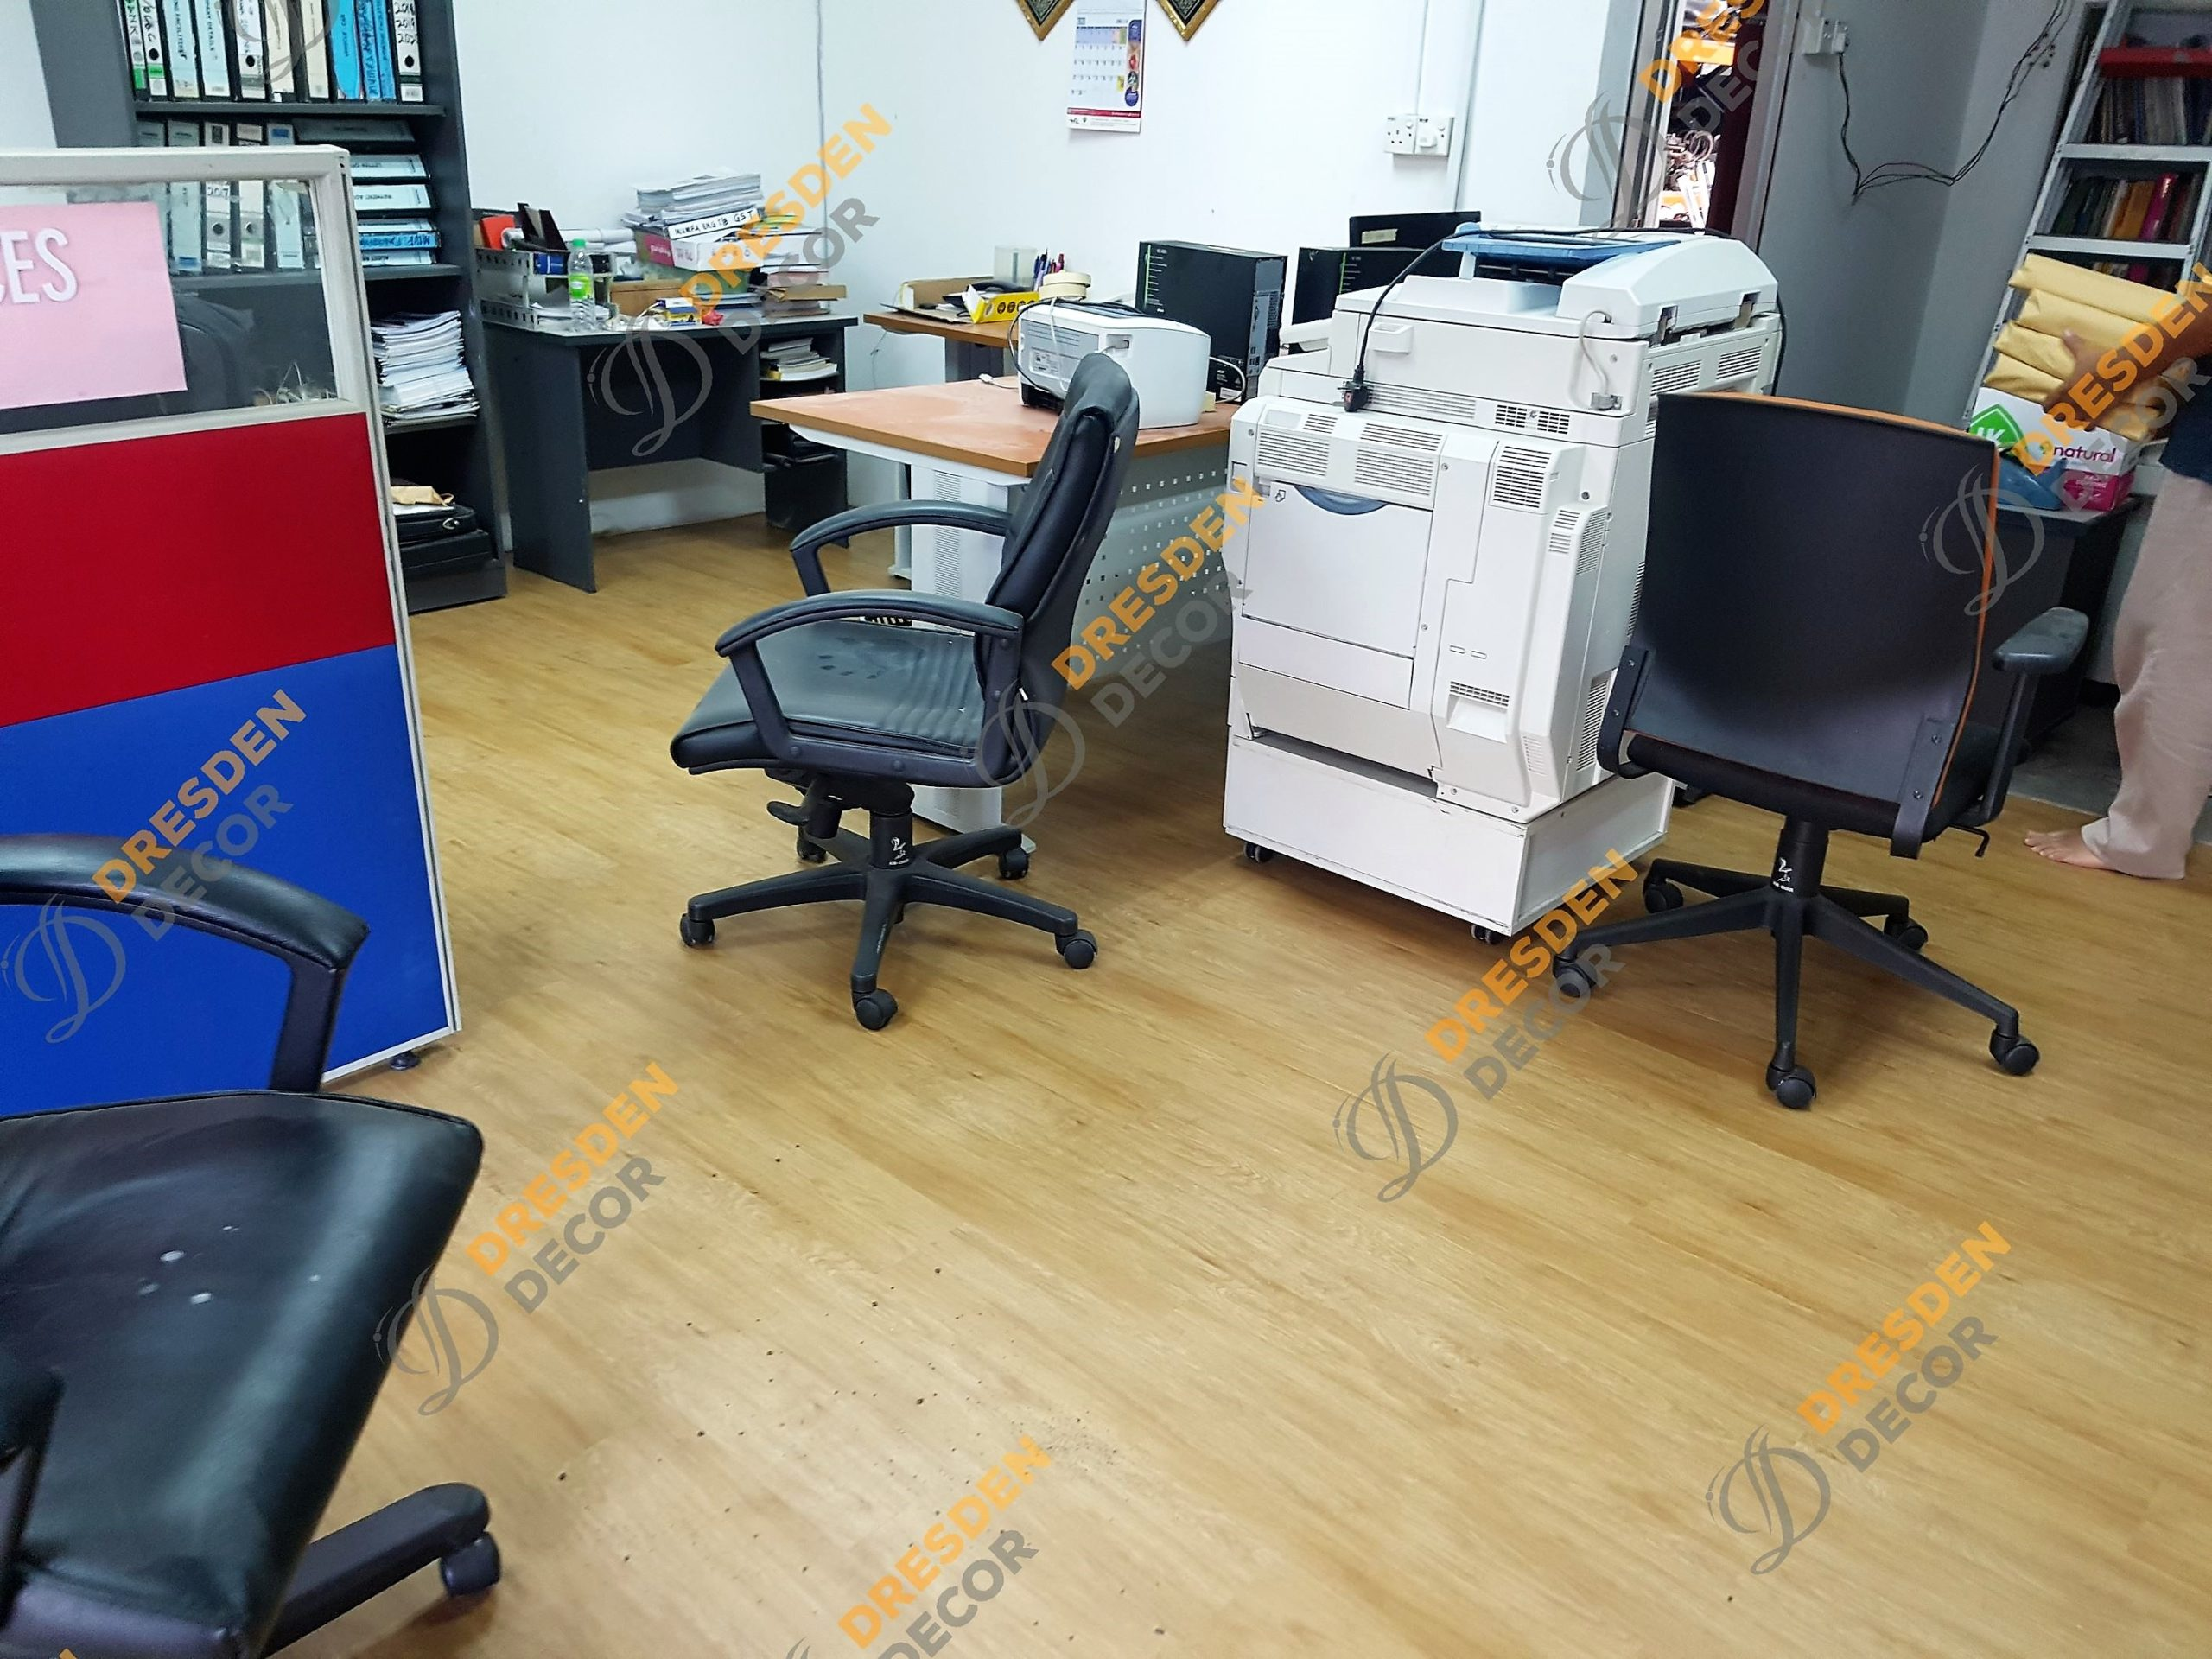 Contractor Office 3.0mm PVC Vinyl